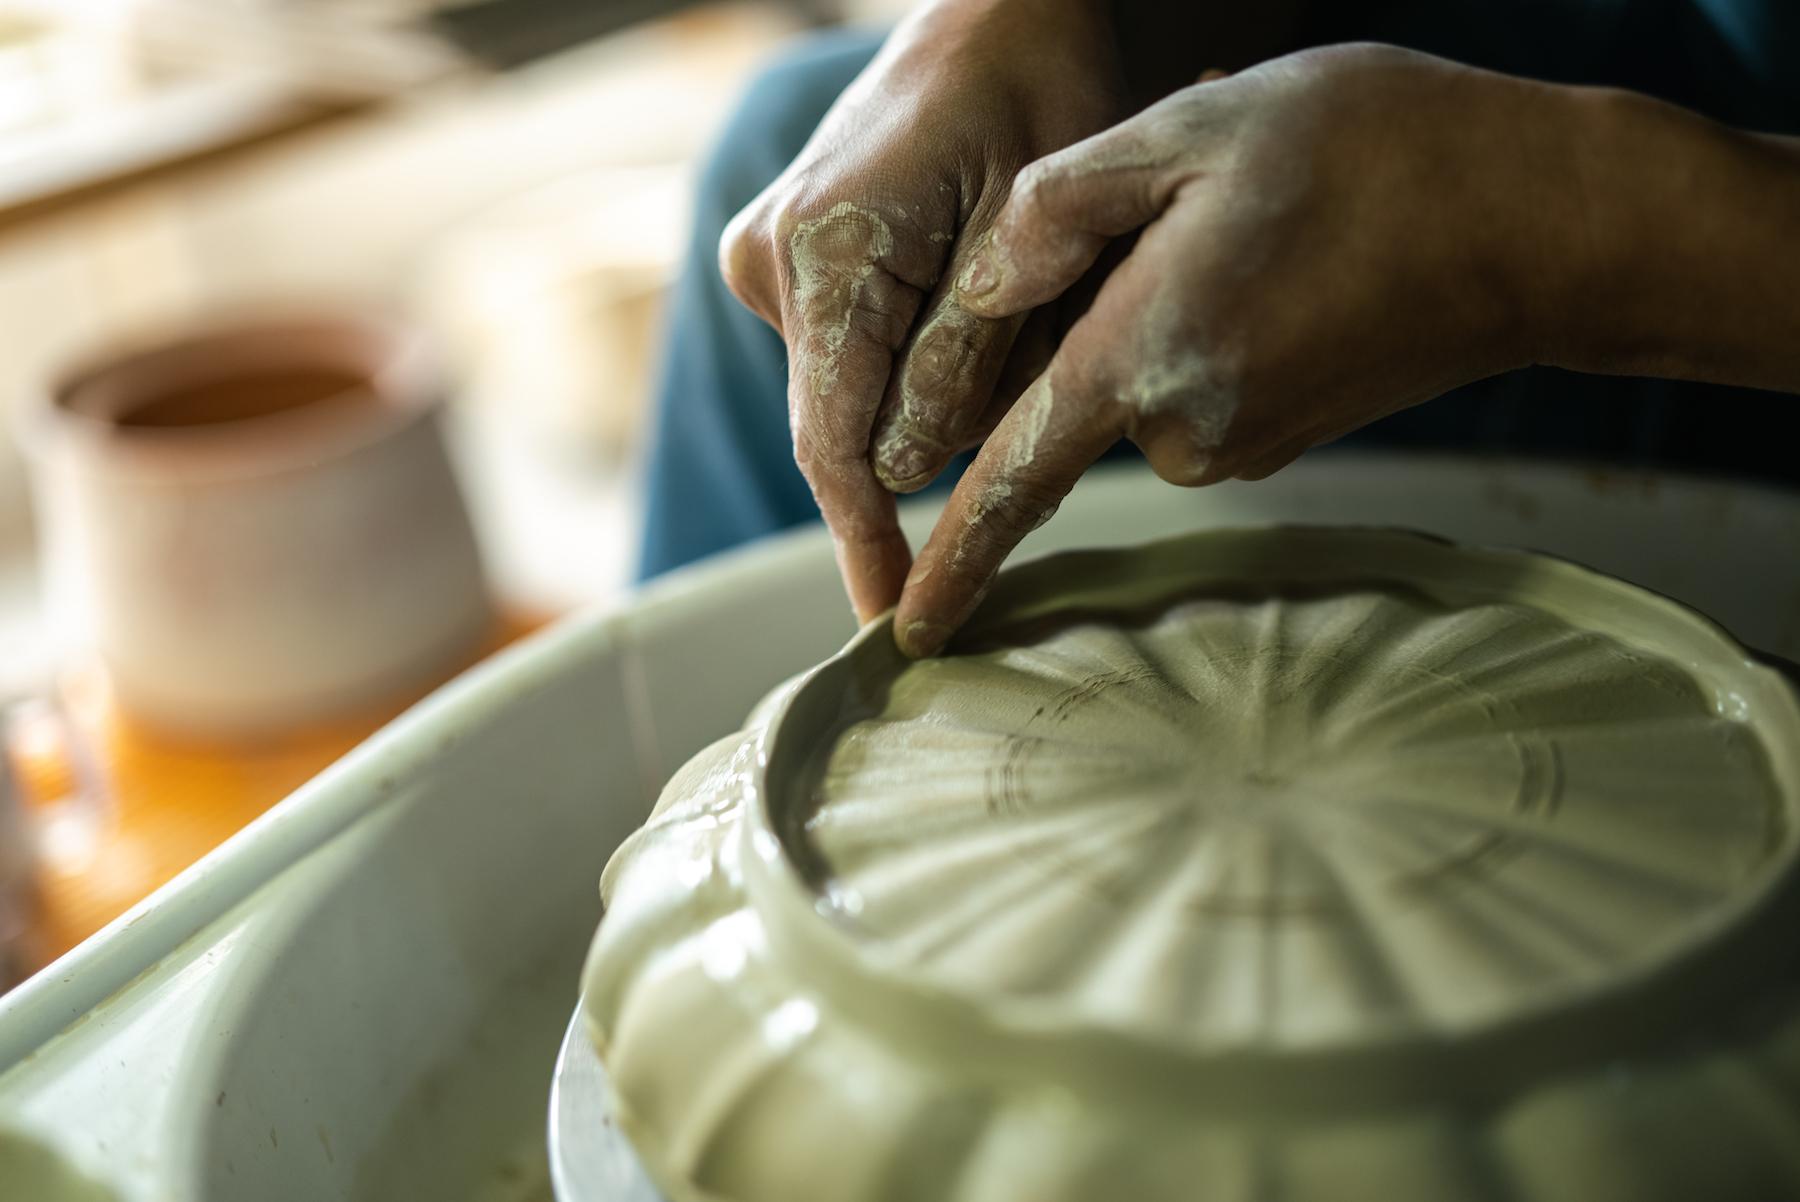 臼杵焼には陶器と磁器の二種類があり、現在別々の工房で生産される、陶器用の粘土は 当時の窯跡が残る末広地区にある瓦工場が保有する瓦粘土を器物にも使えるように精製して使用している。磁器用の磁石は今も昔も大分では採れず、昔は天草地方から運ばれてきたとされる。現在では作るものに合わせいろいろな地域の粘土をブレンドして使用している。